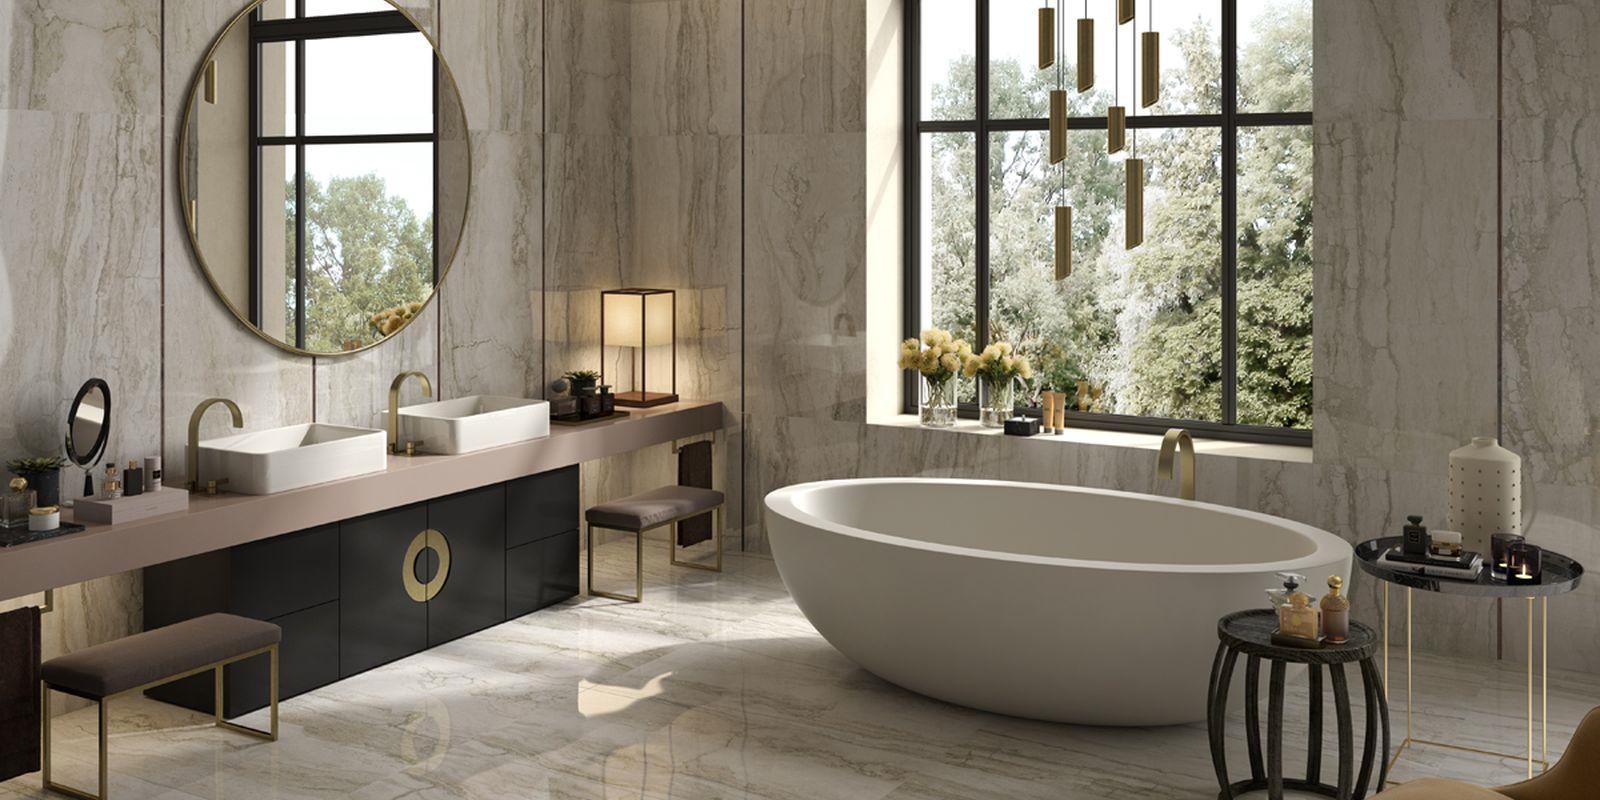 Orobianco la faenza maro ceramiche - Piastrelle per bagno moderno ...